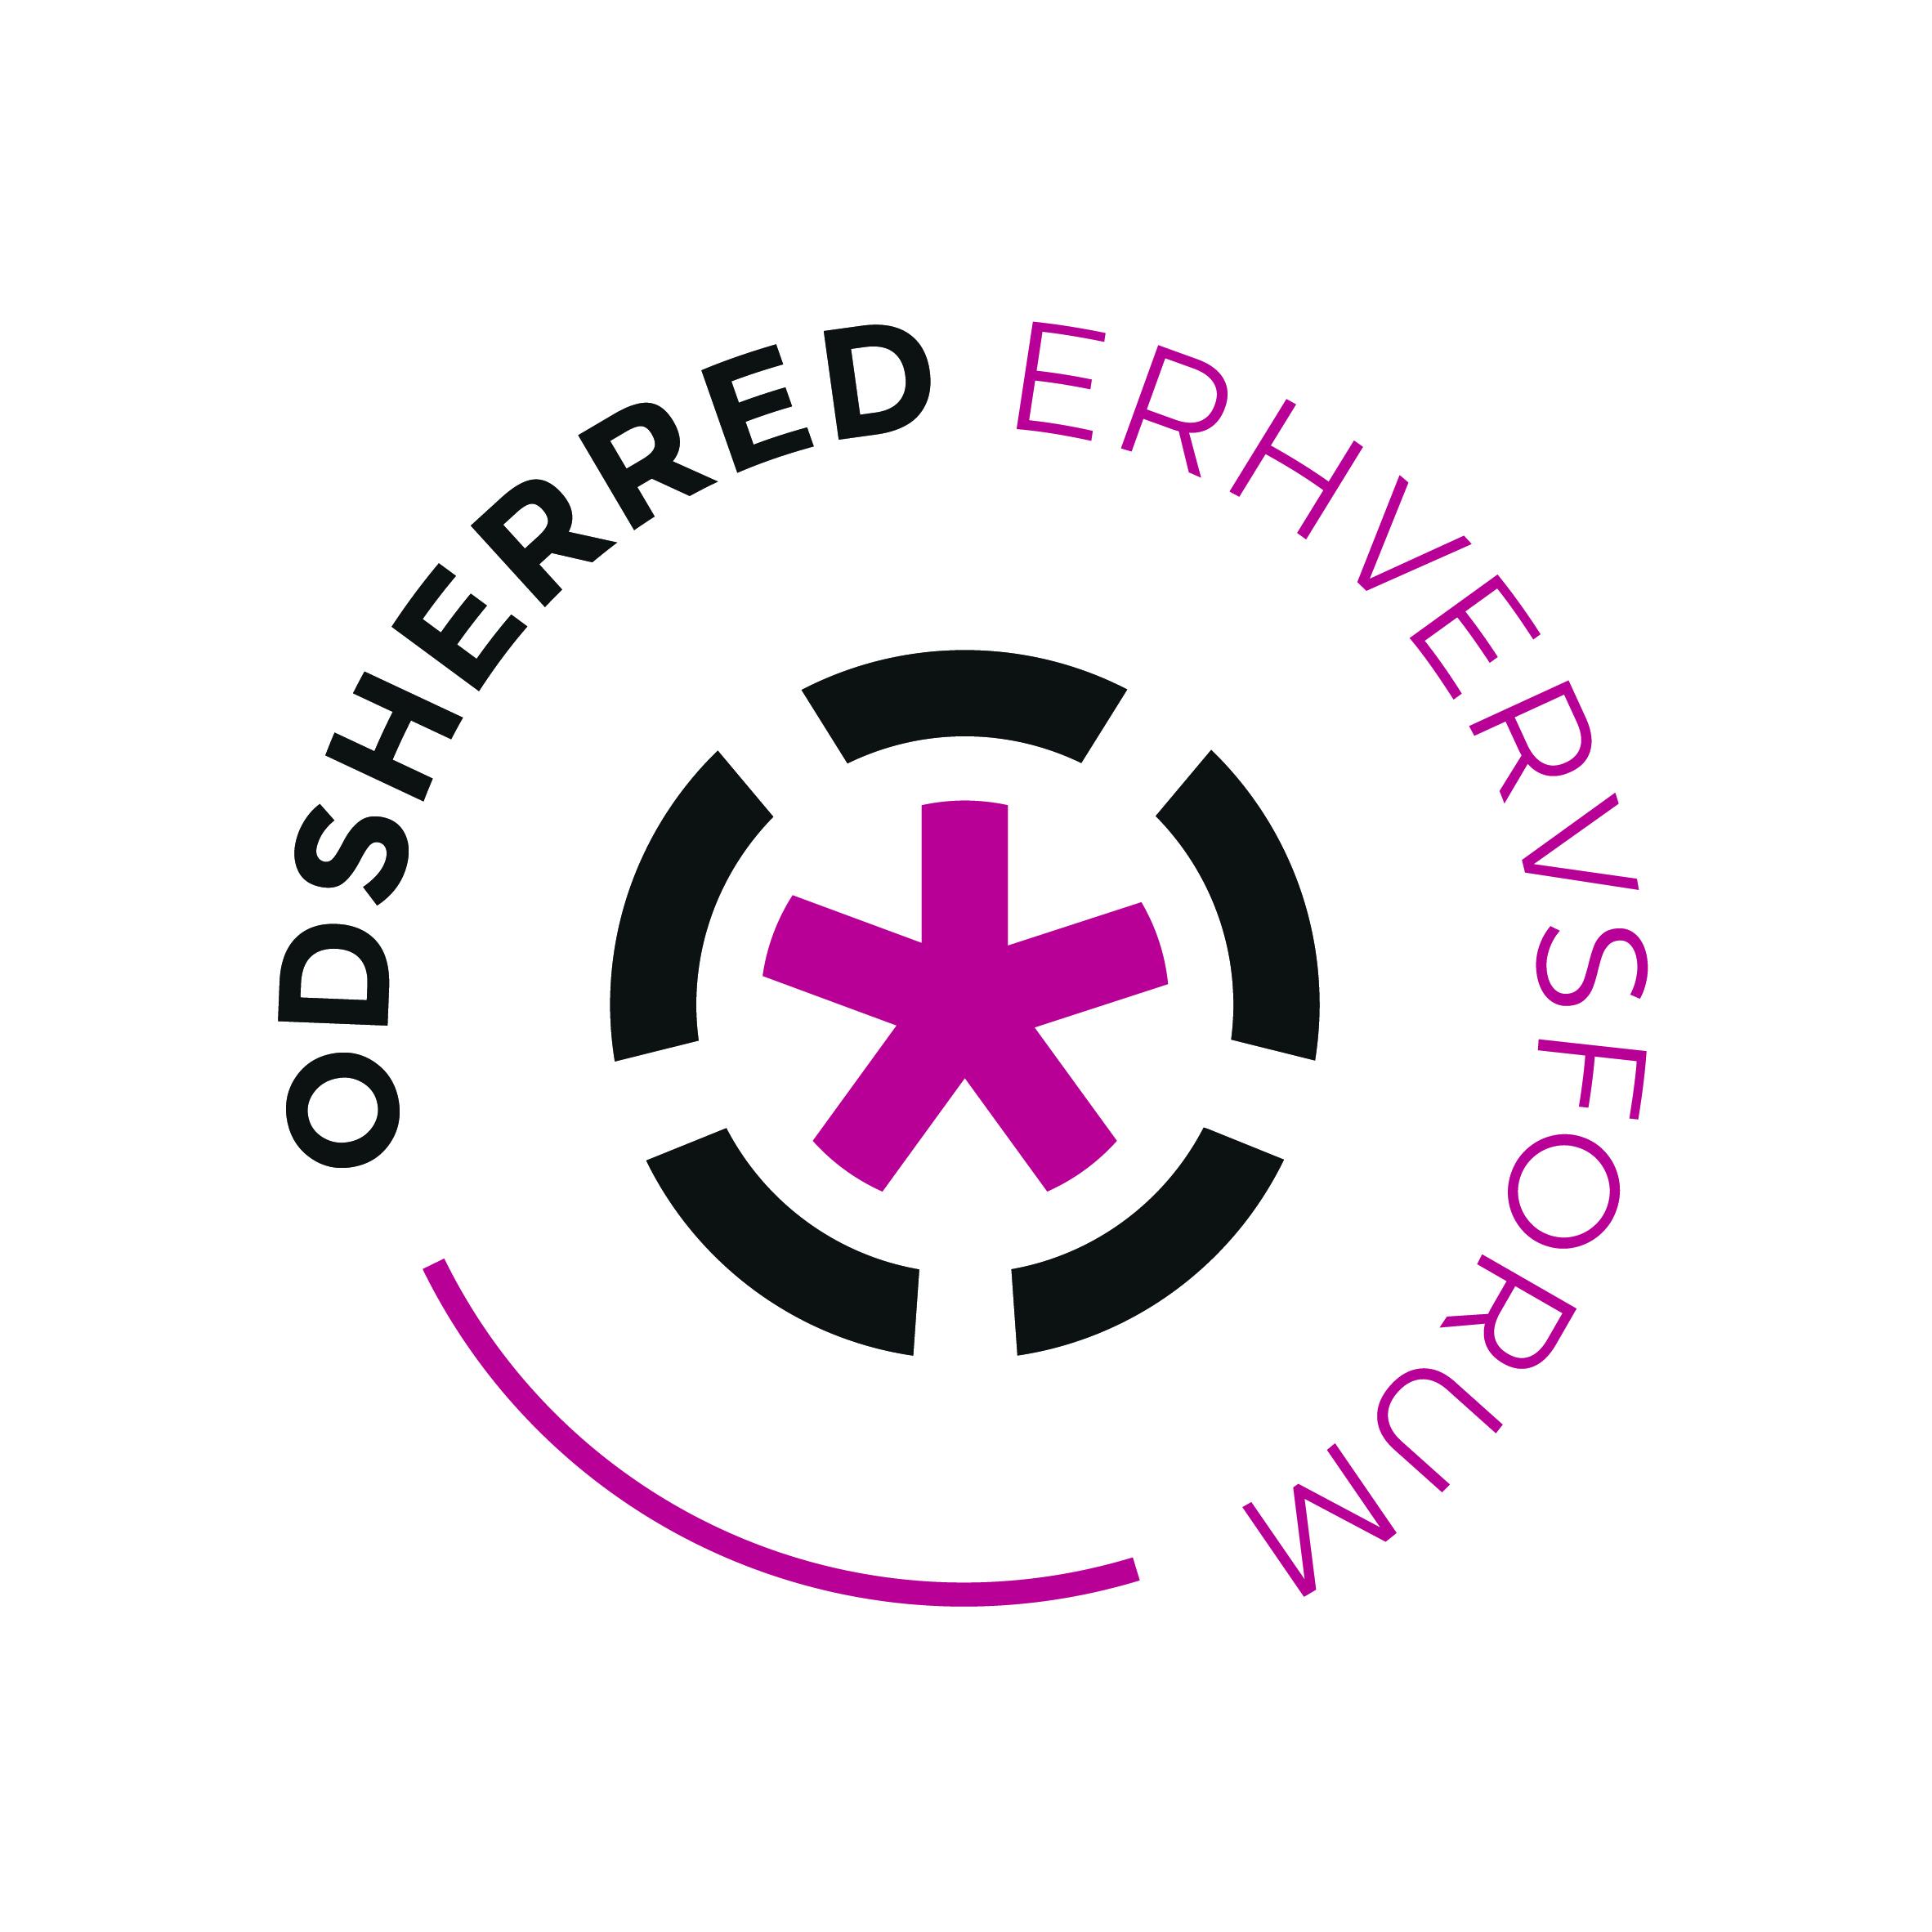 Odsherred Erhvervsforum logo